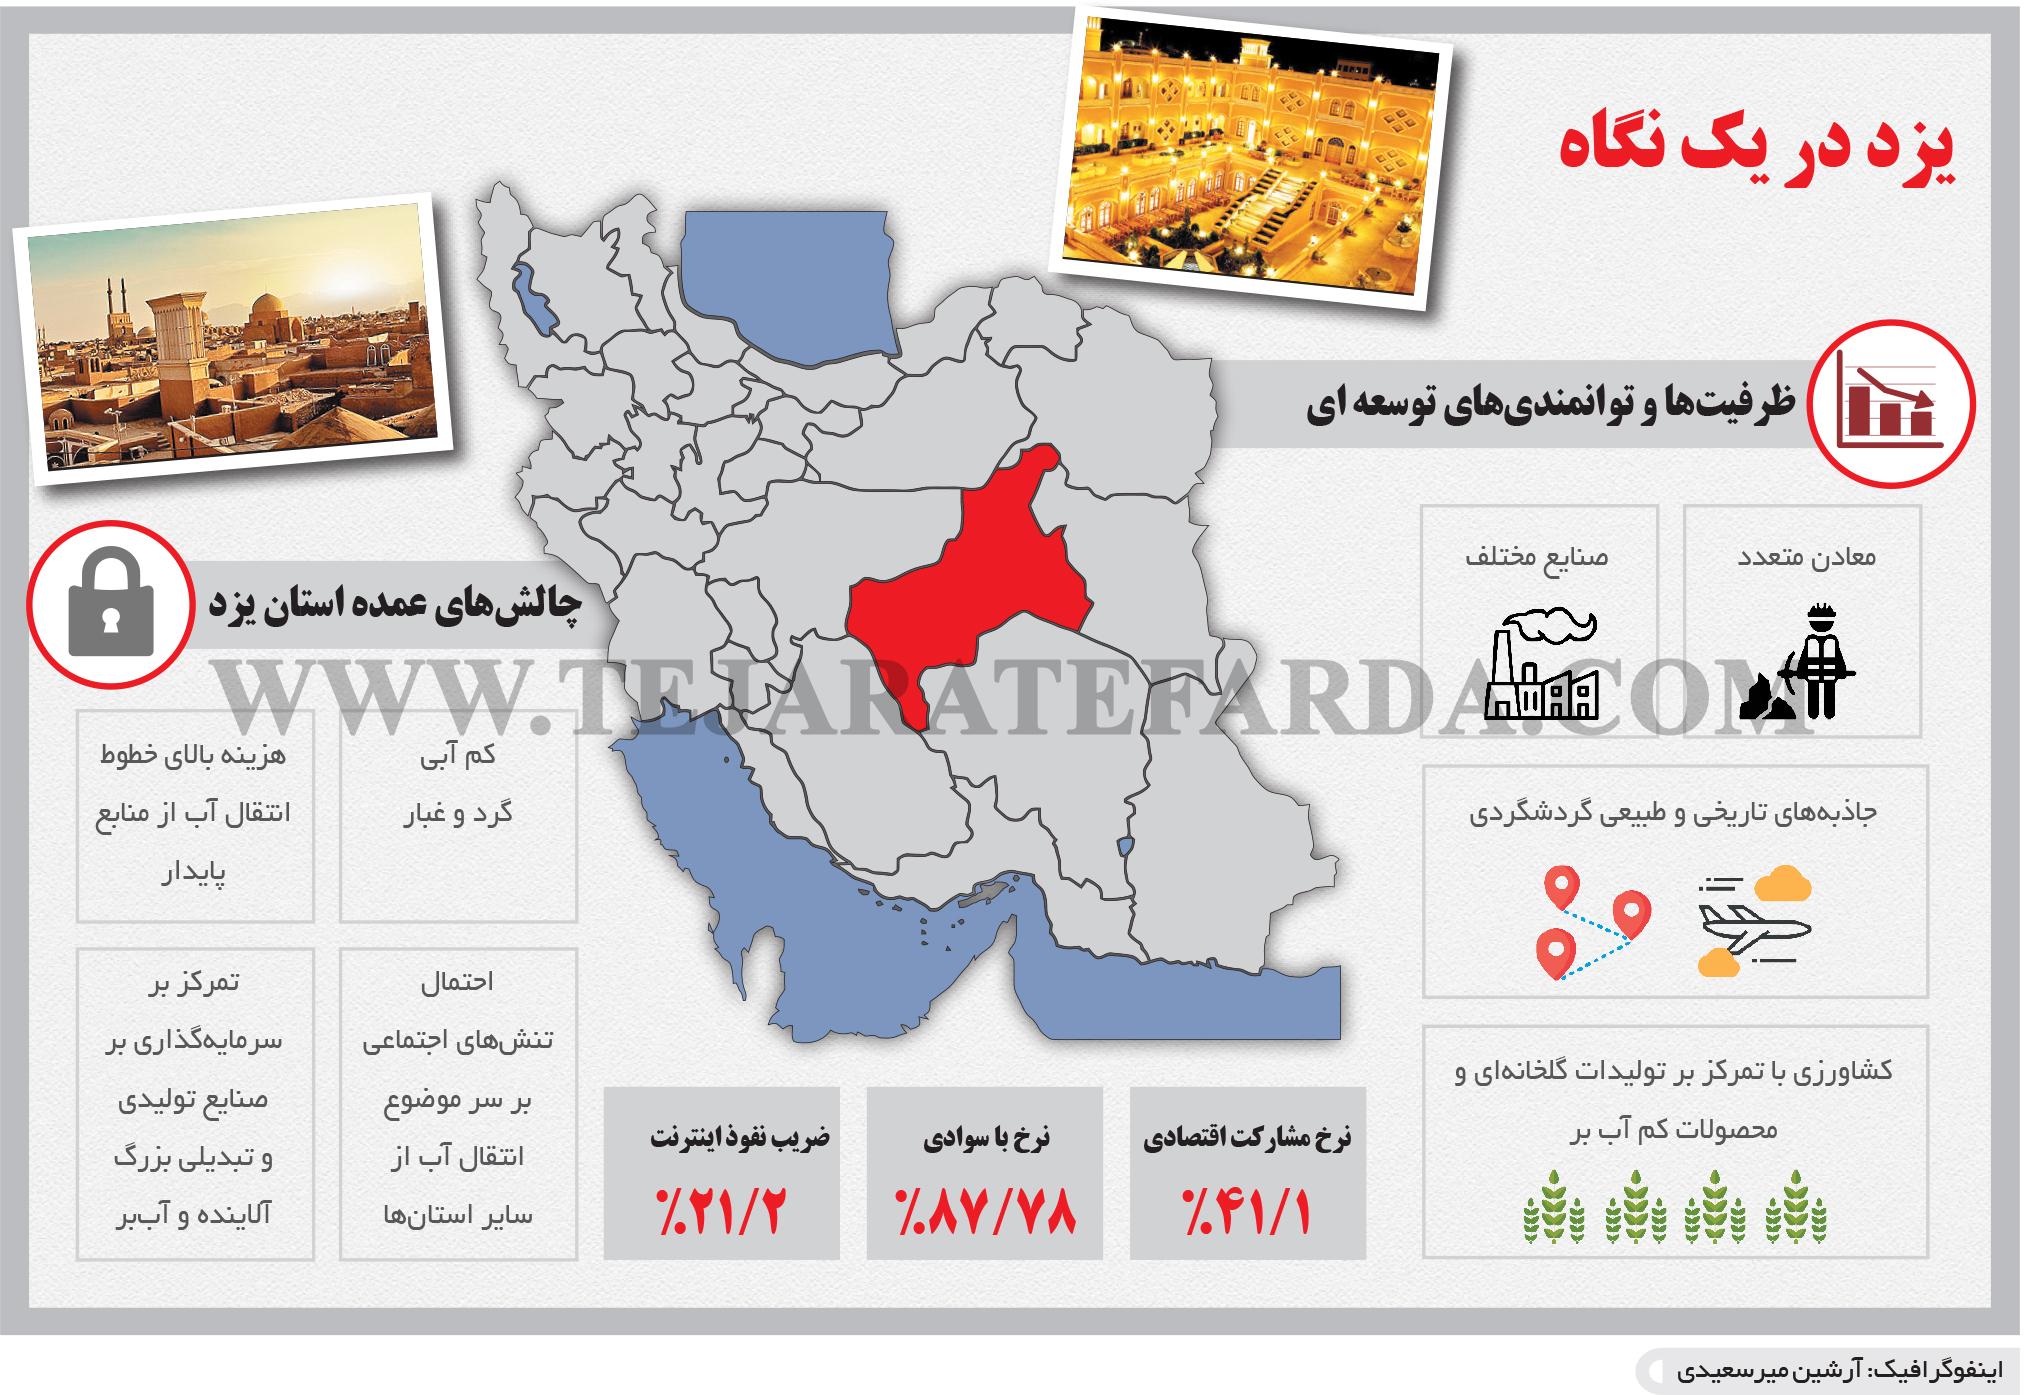 تجارت- فردا- یزد در یک نگاه(اینفوگرافیک)